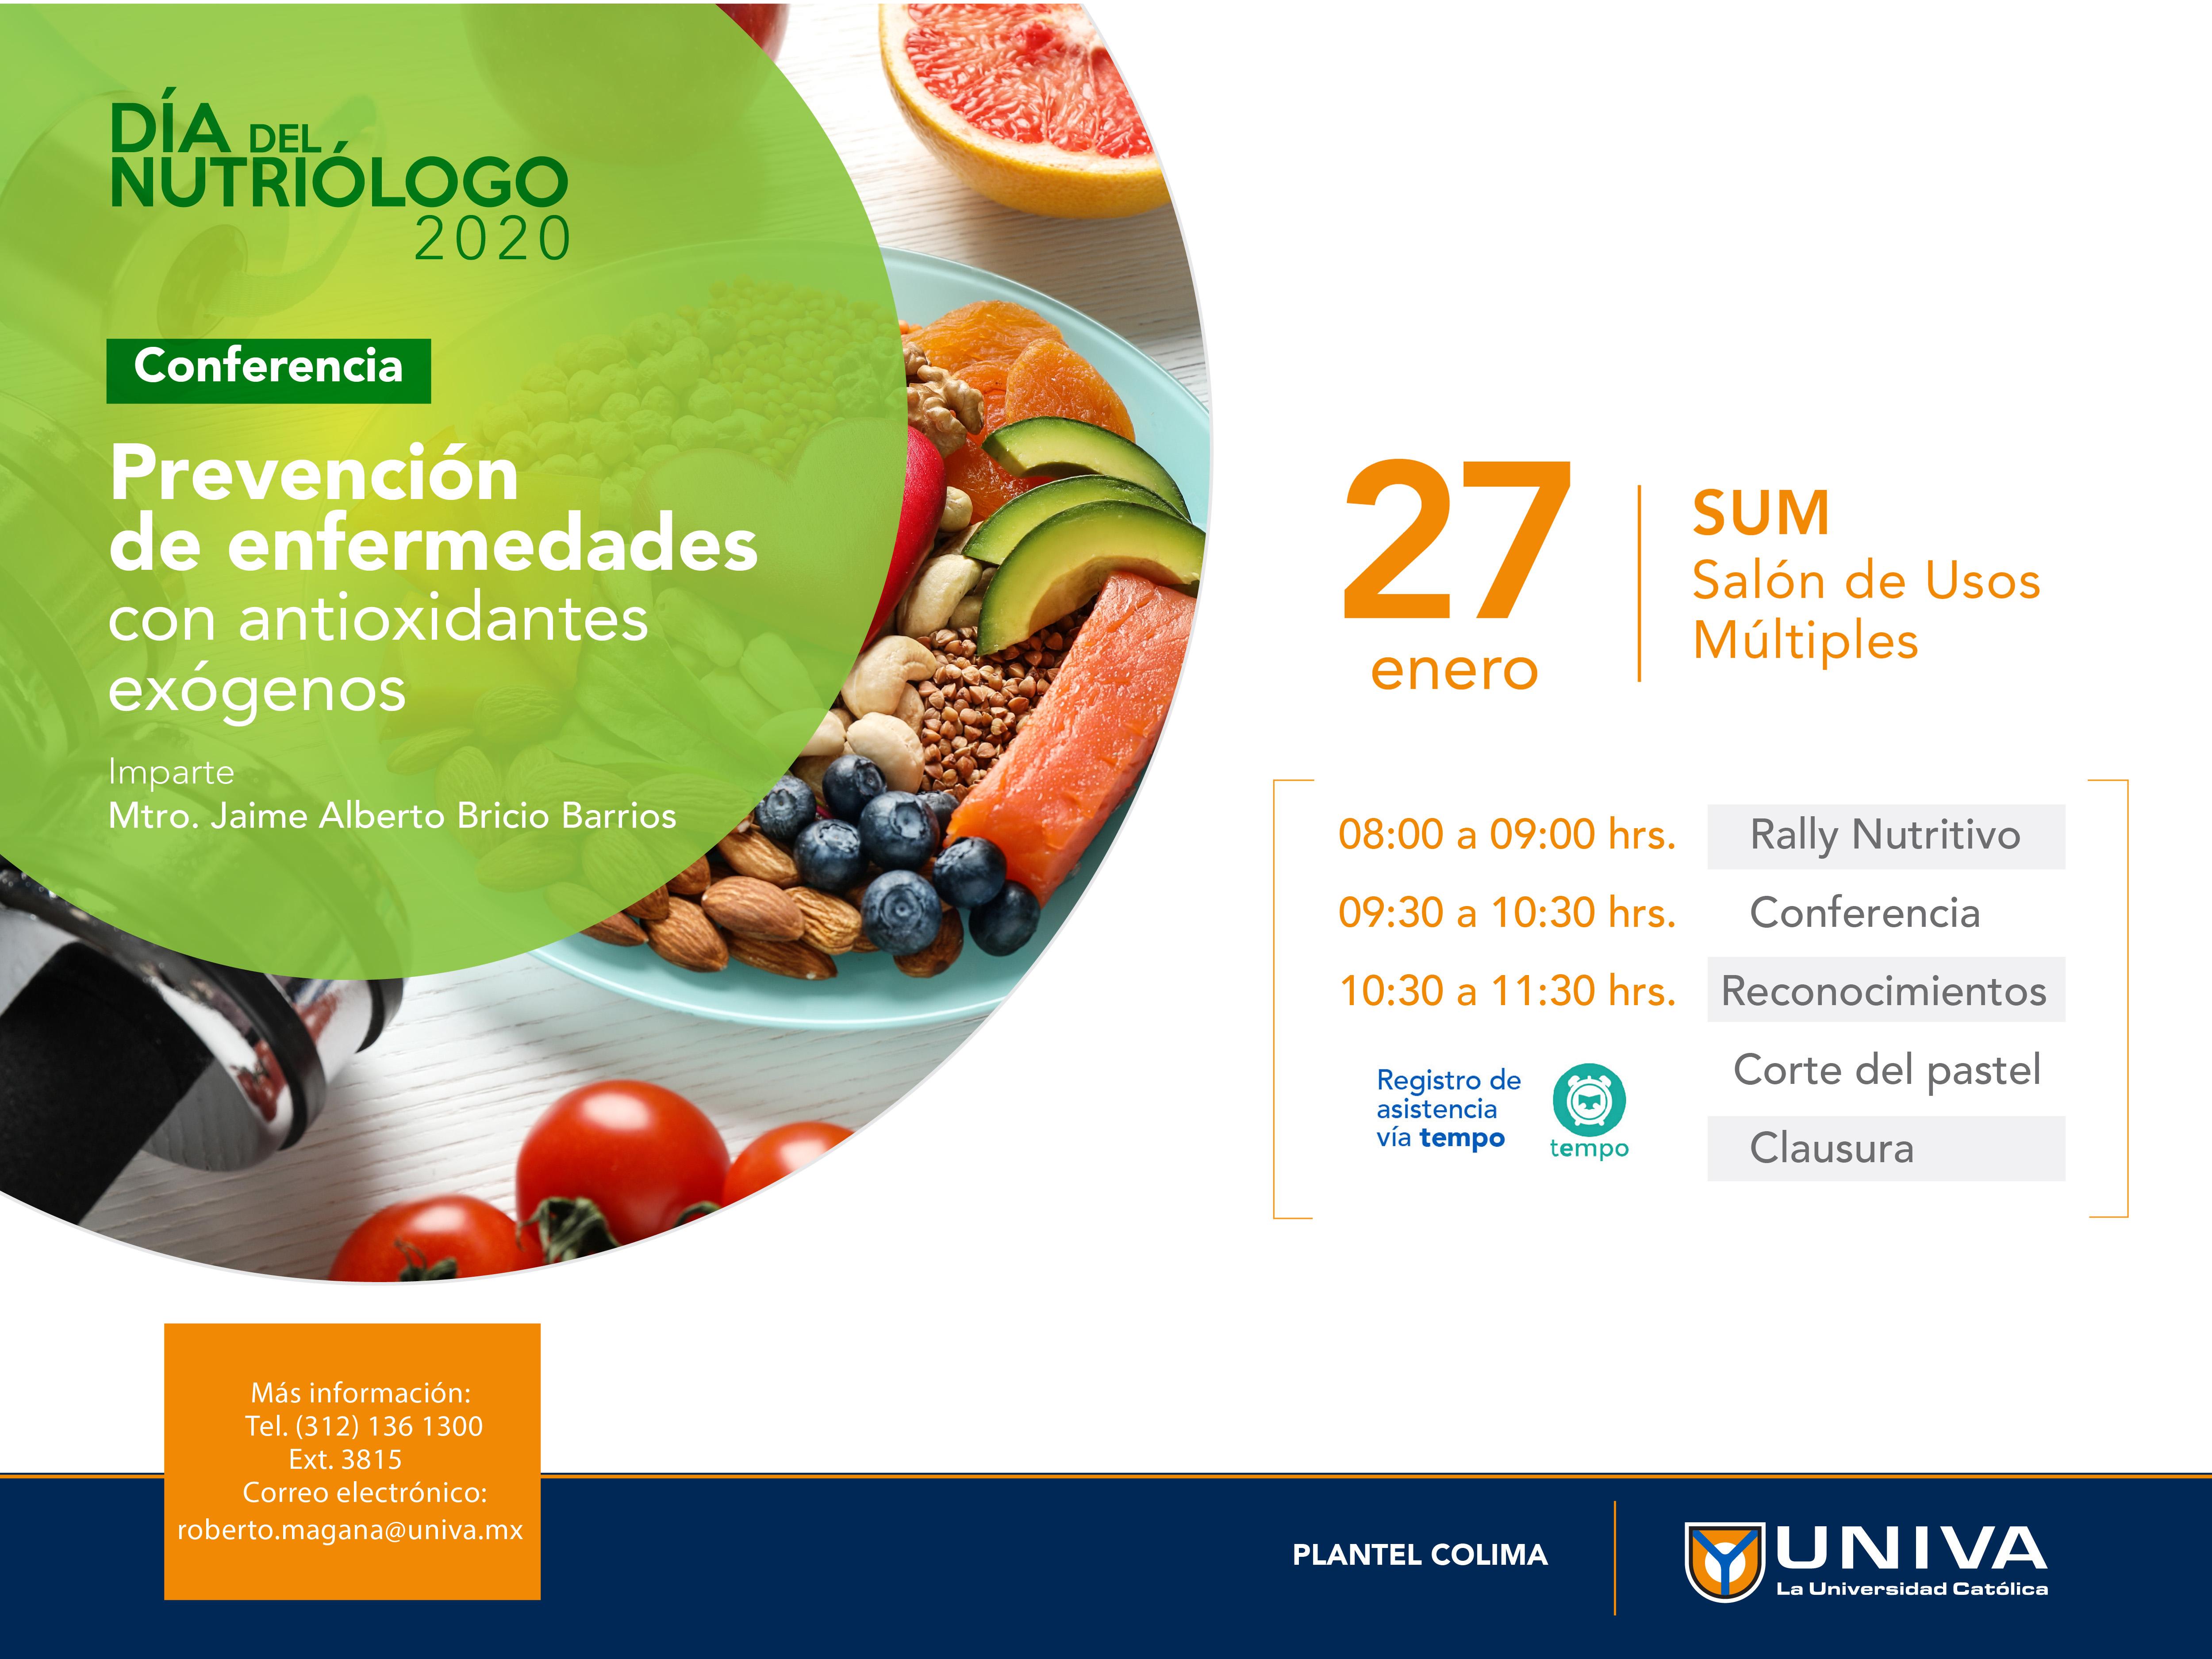 Día del Nutriólogo UNIVA